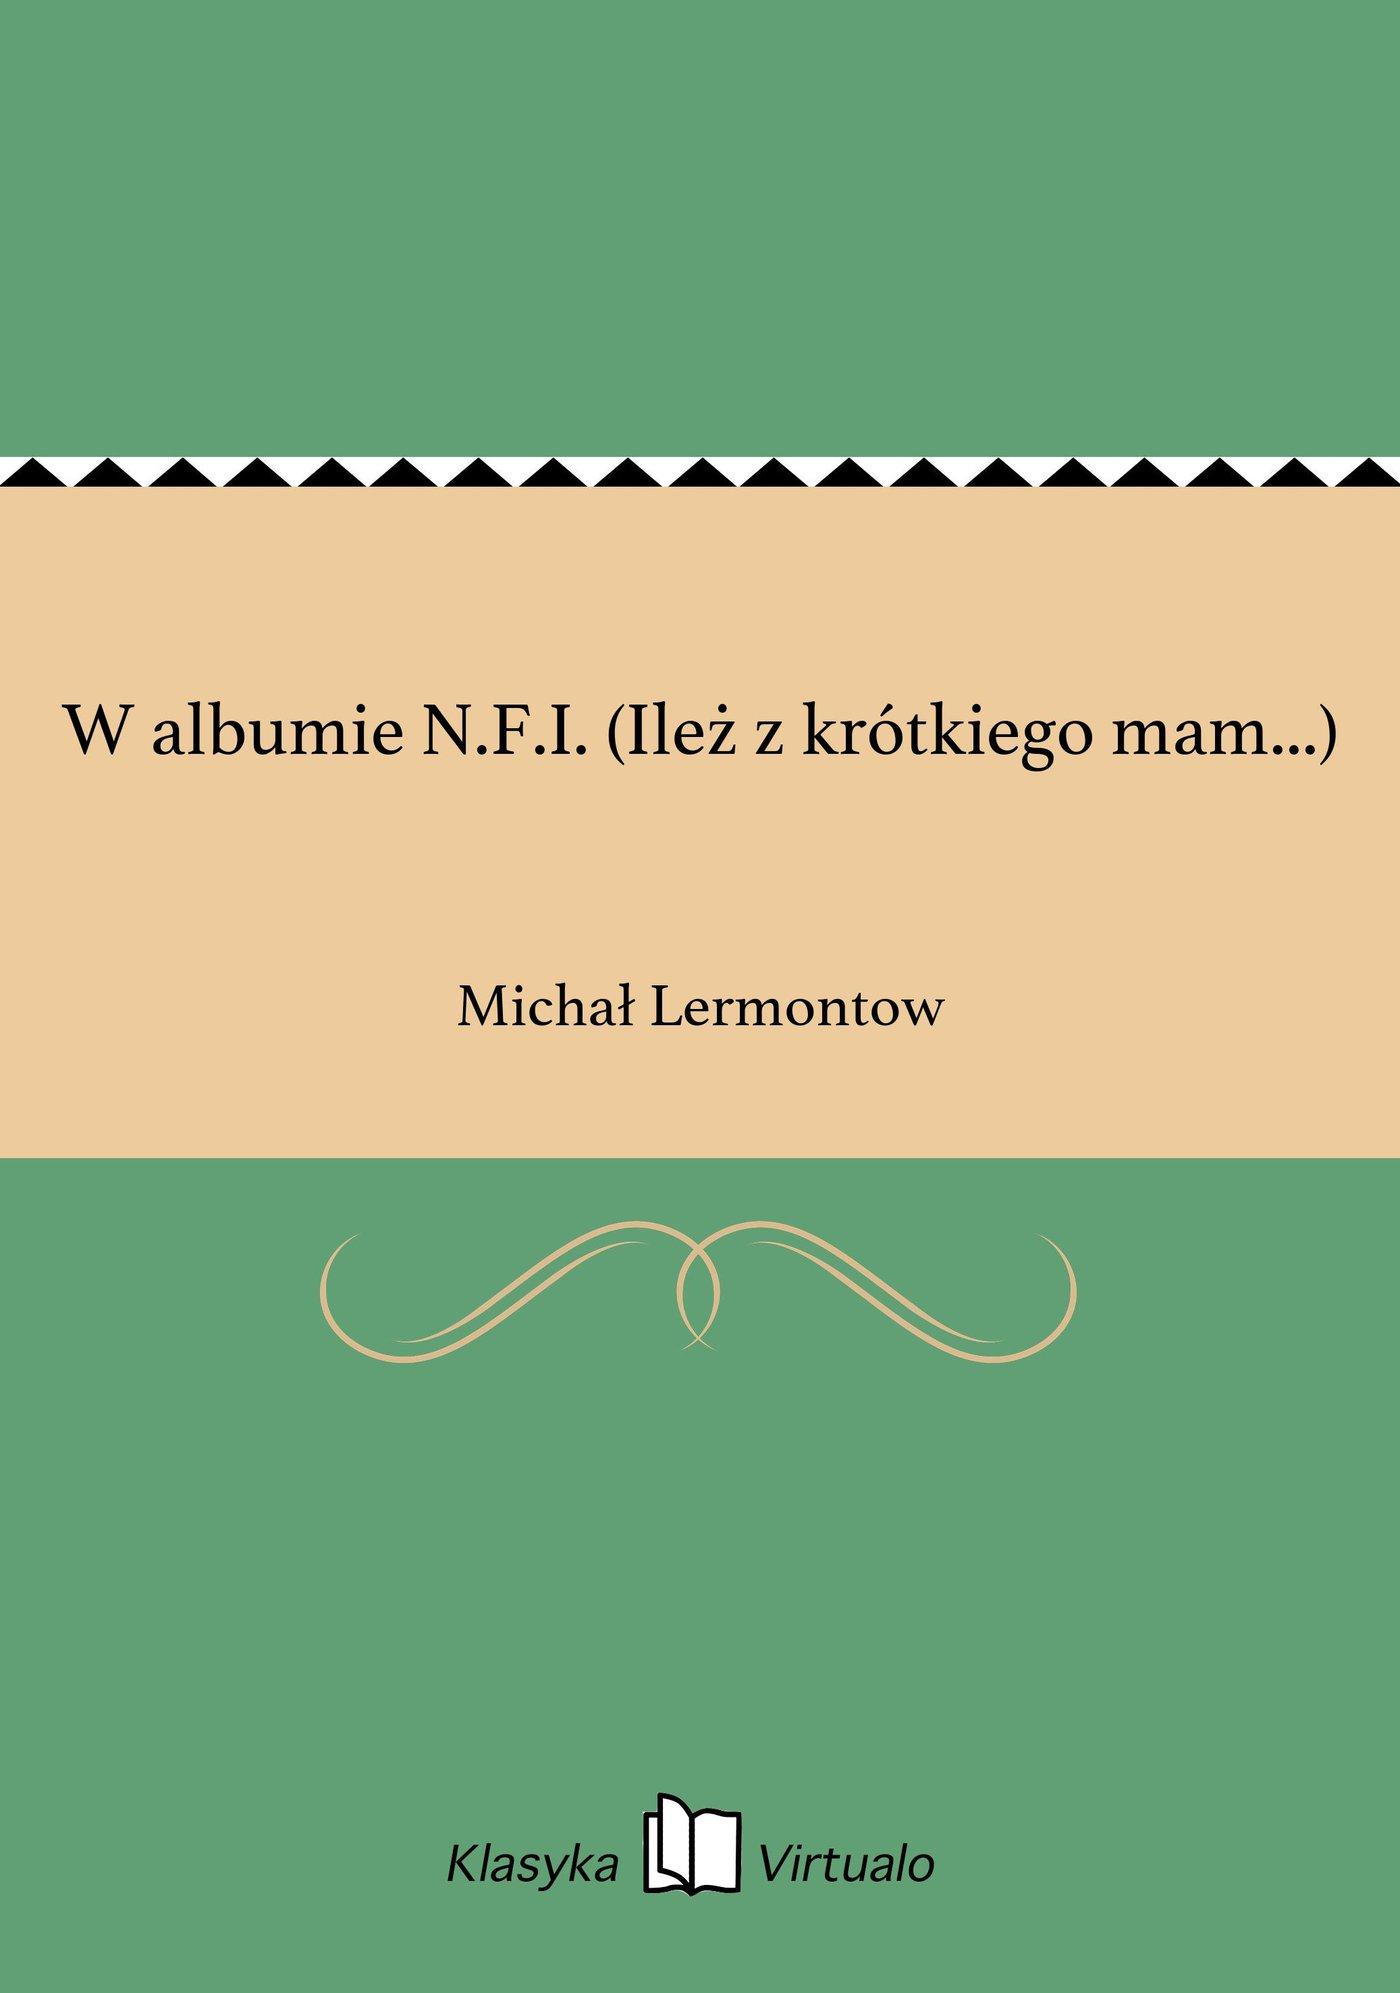 W albumie N.F.I. (Ileż z krótkiego mam...) - Ebook (Książka na Kindle) do pobrania w formacie MOBI